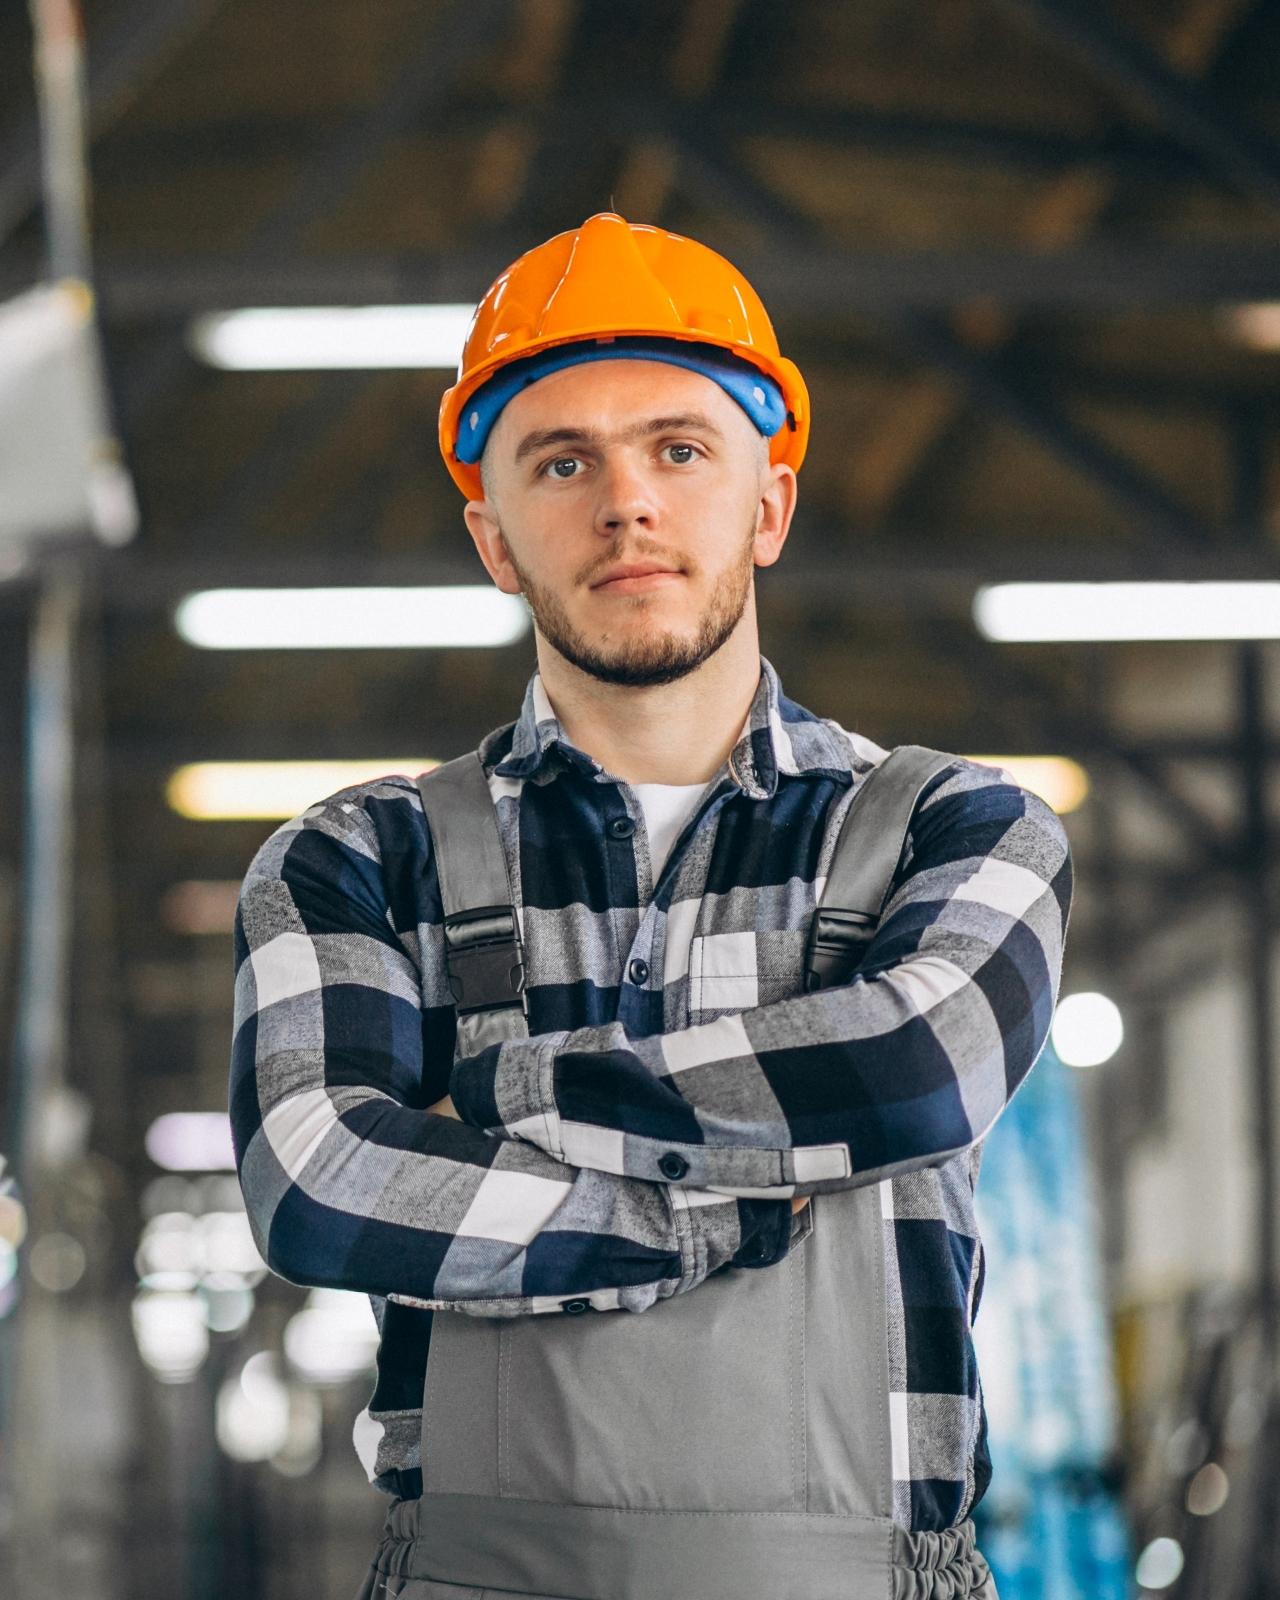 male-worker-factory